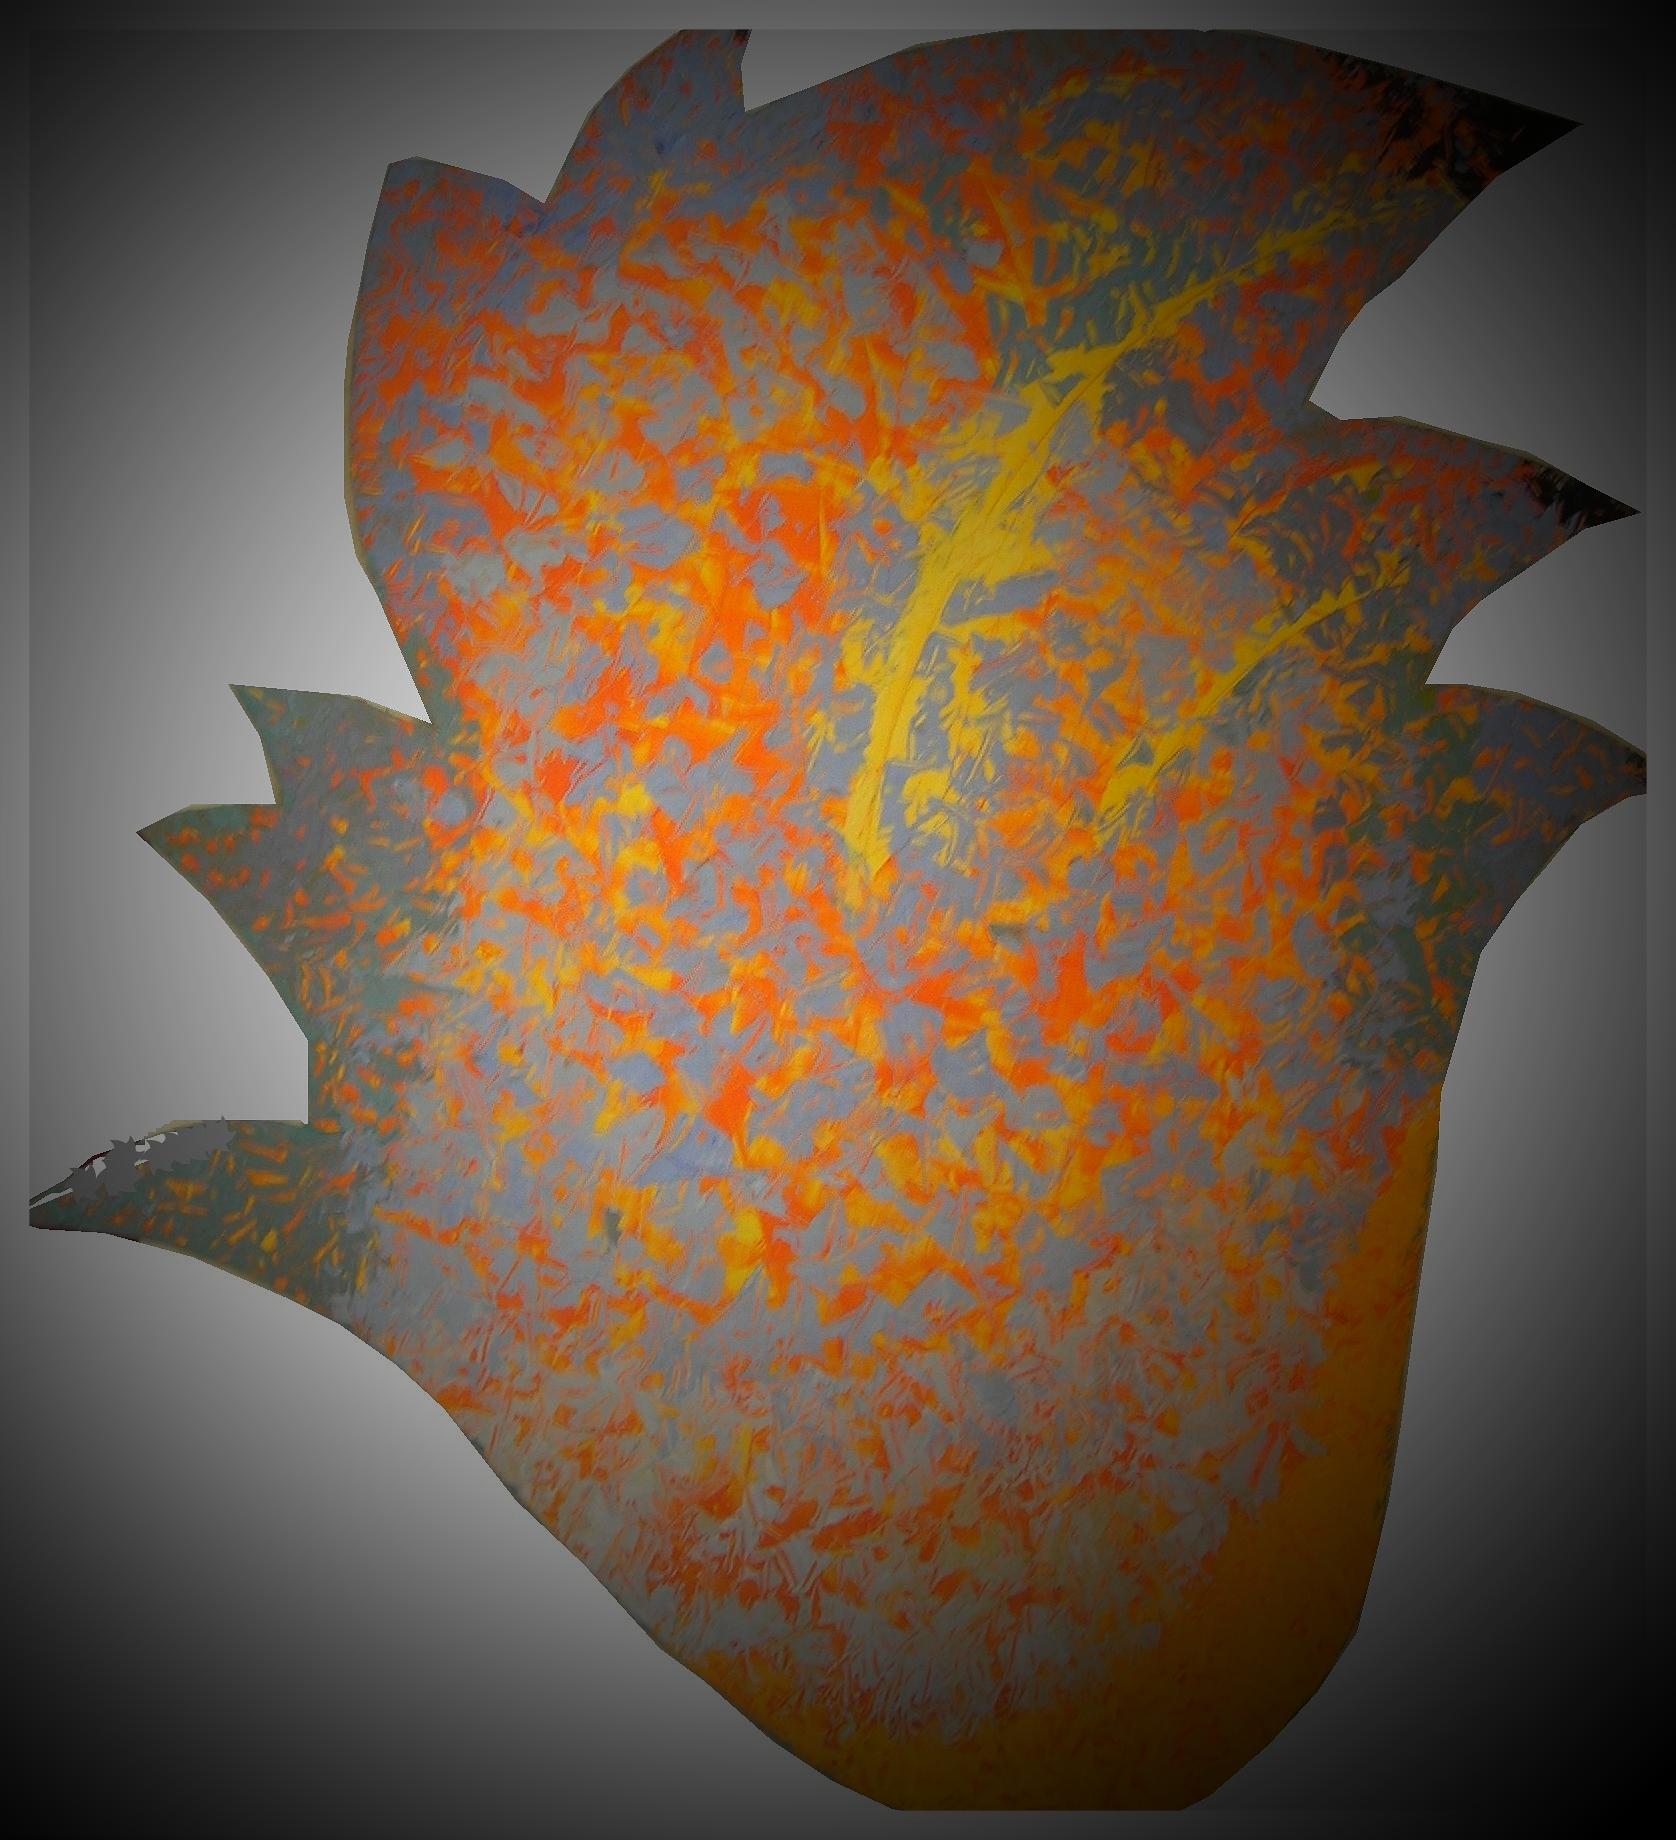 Blüte - Ölfarbe auf Holz - ca 50 x 30